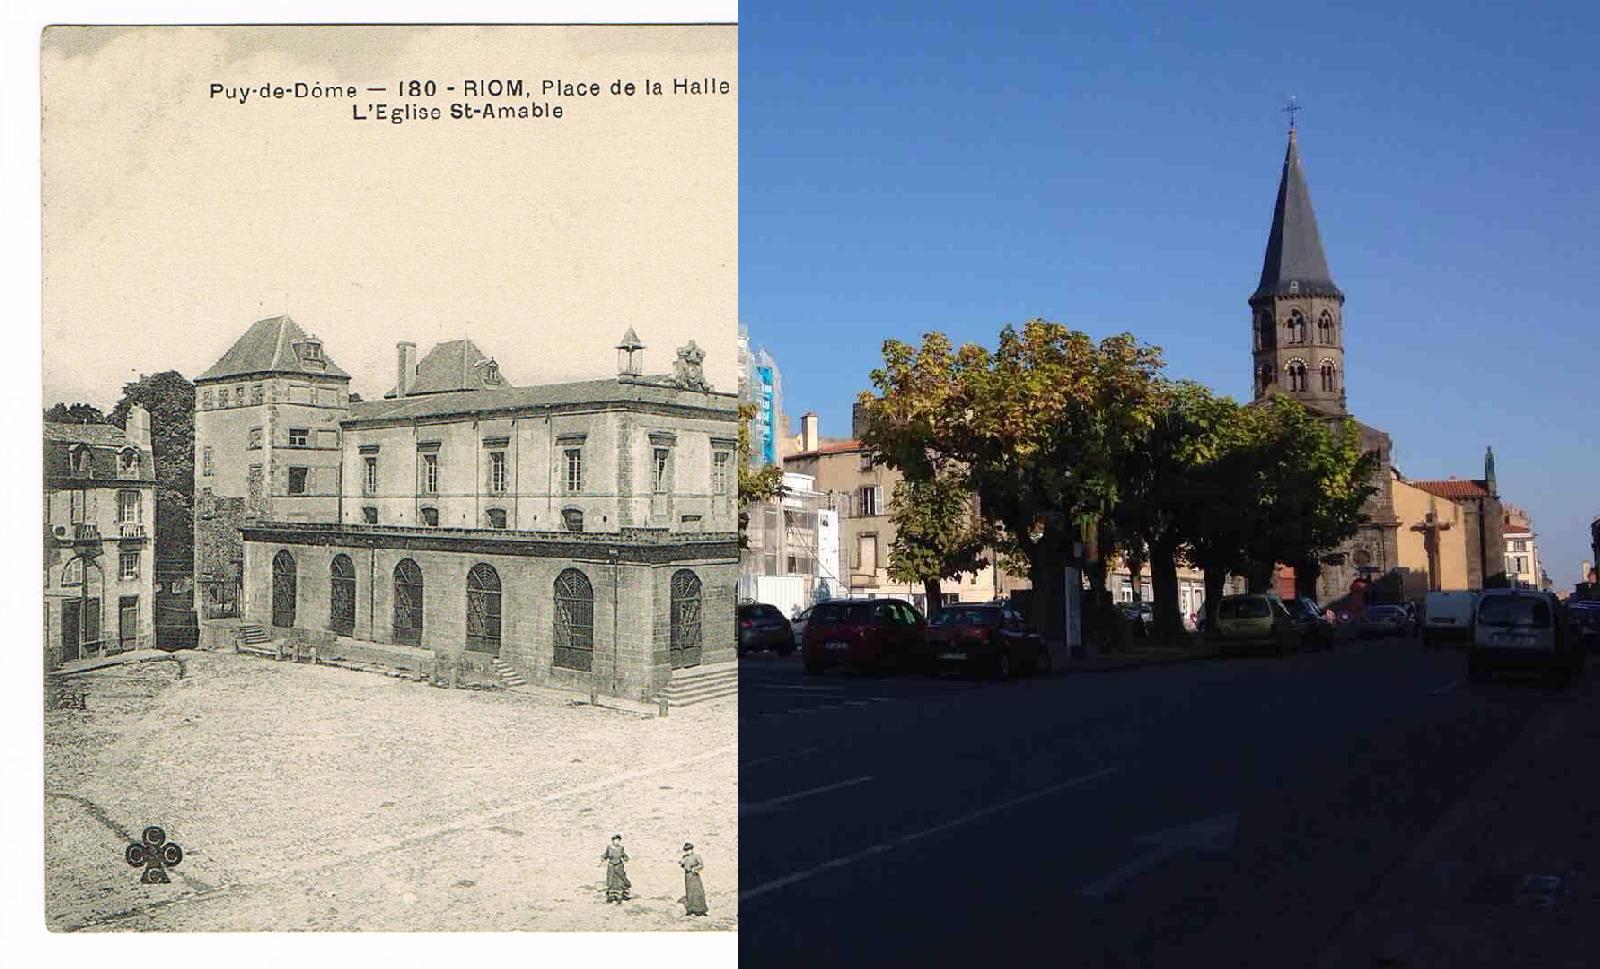 Riom - Riom - INSEE 63300 - Place de la Halle et Eglise St Amable. Puy-de-Dôme Ref.180.